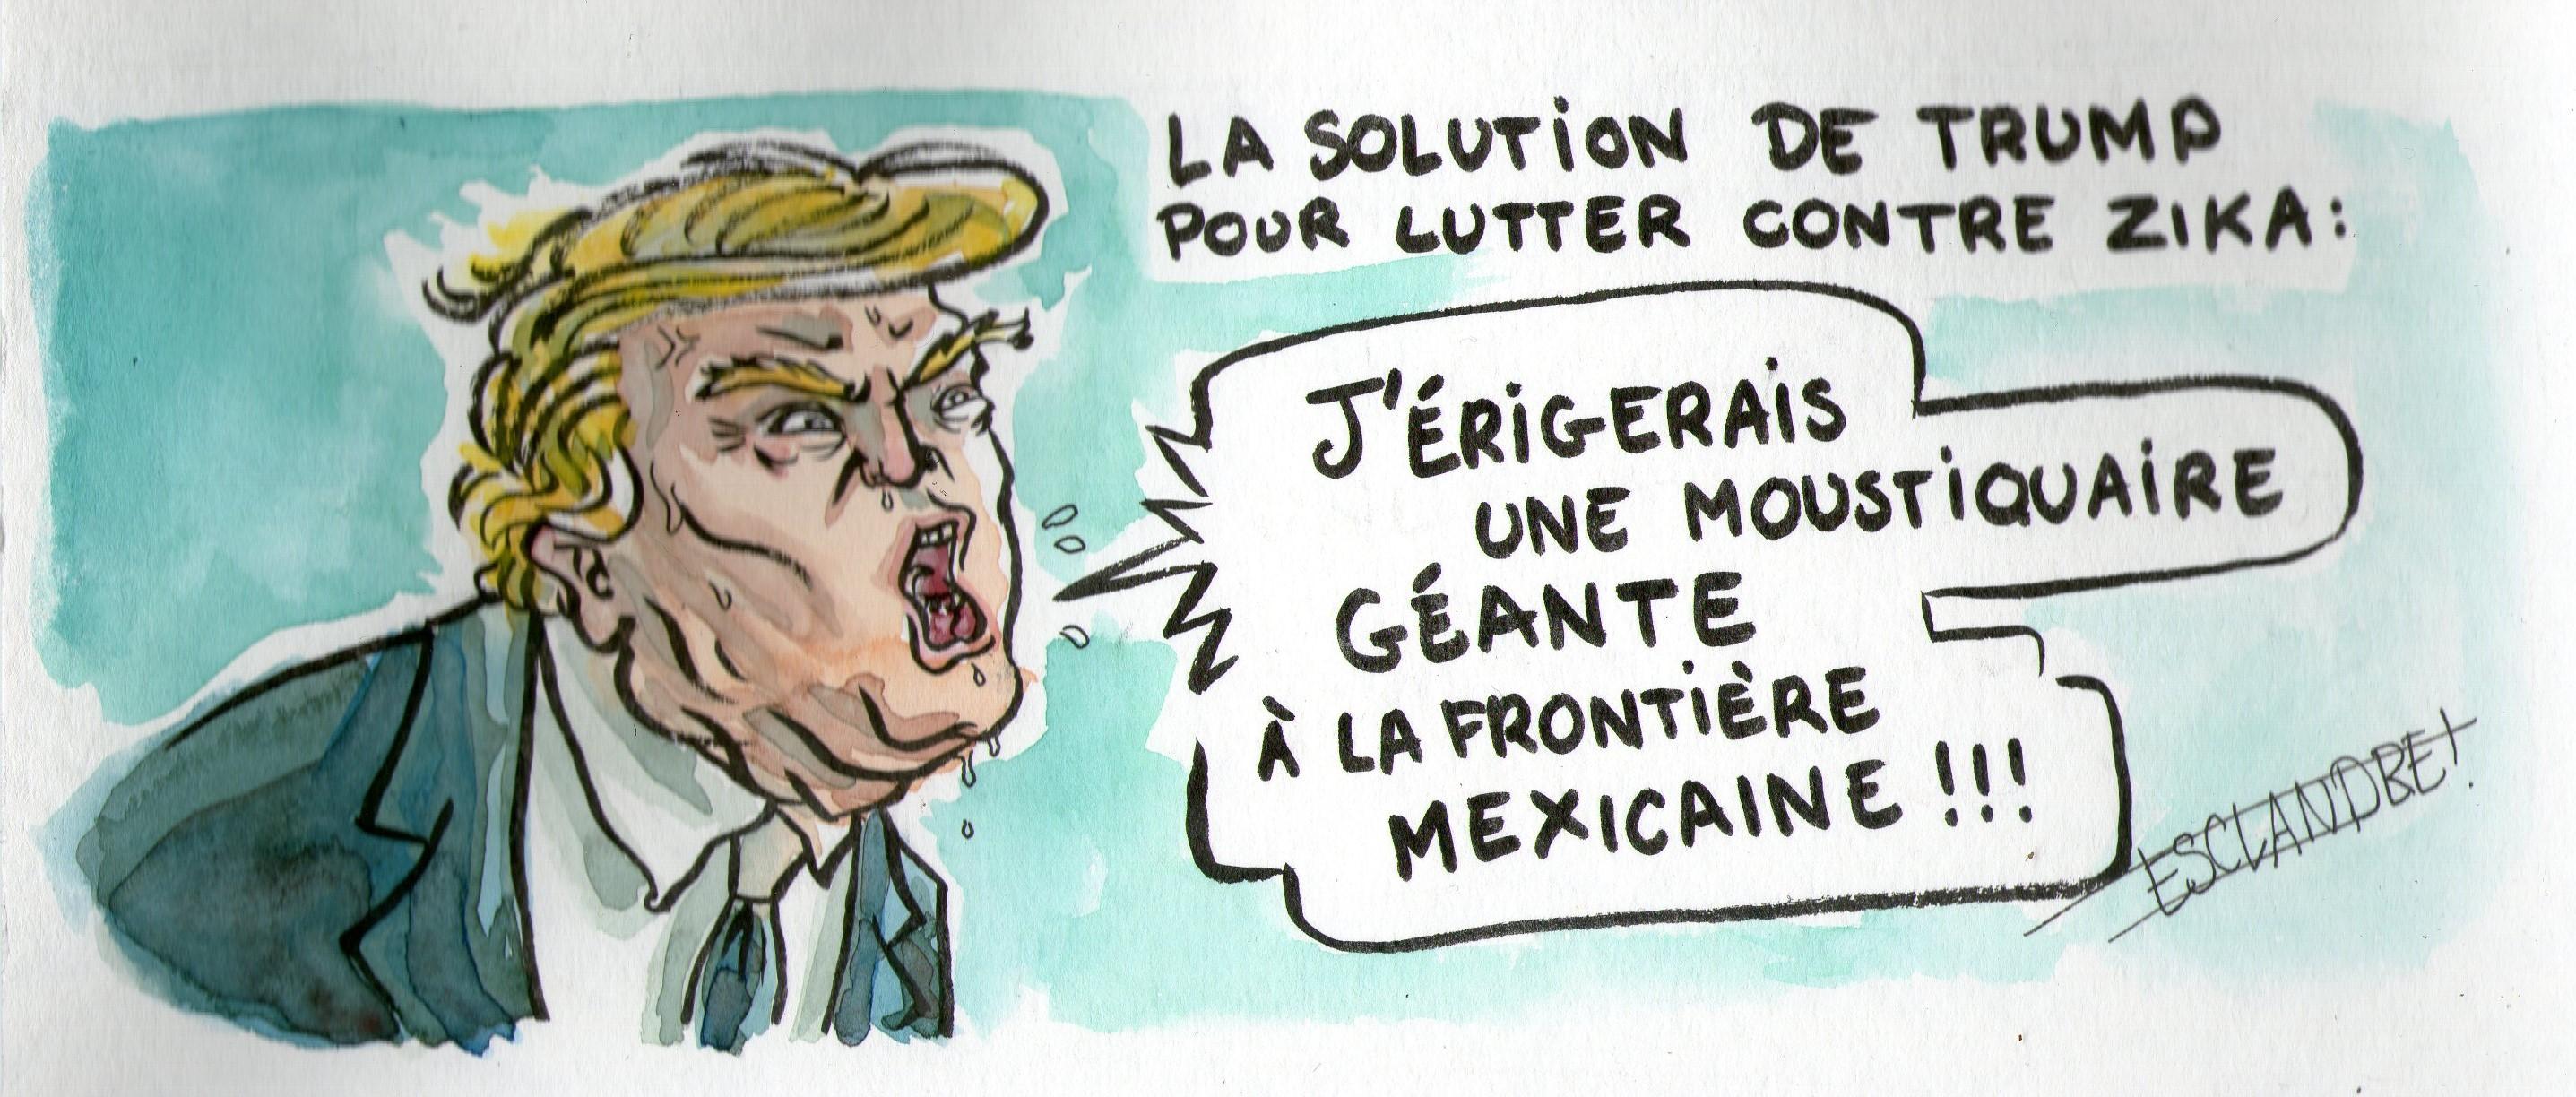 La solution de Trump pour lutter contre Zika